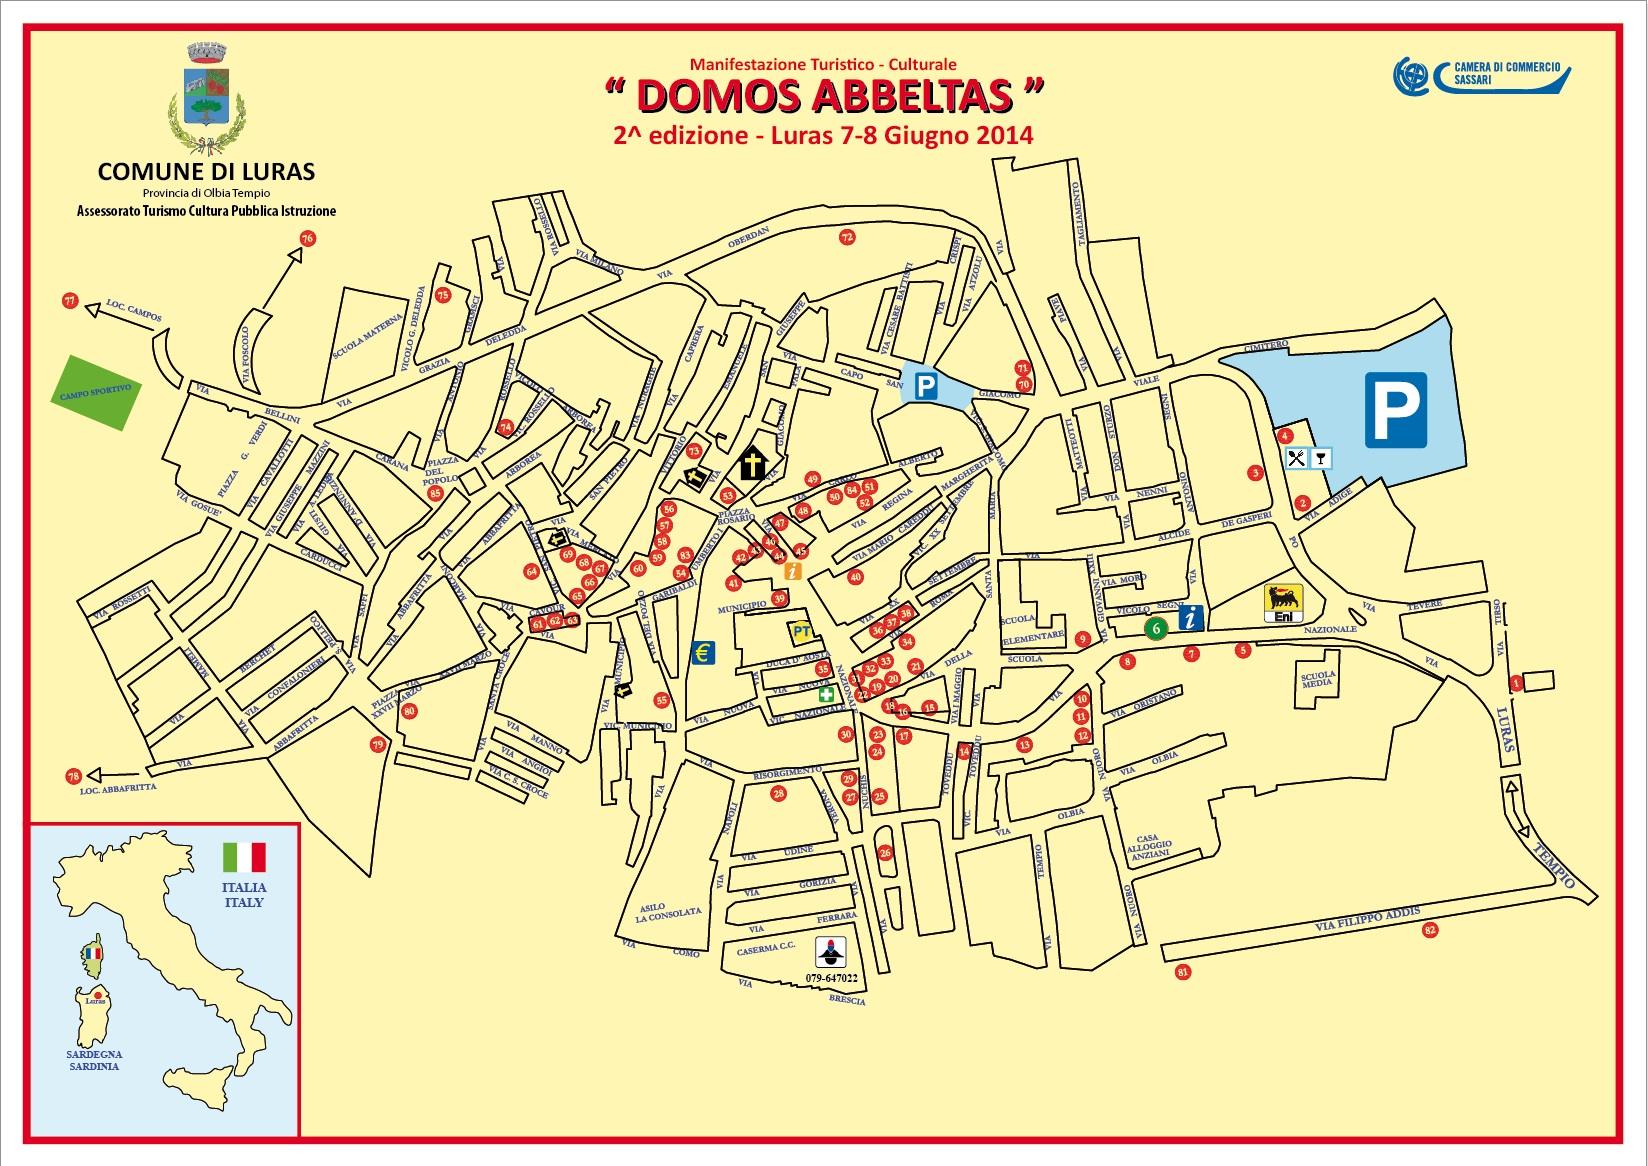 Cartina Domuns Abbeltas Luras 7 e 8 Giugno 2014